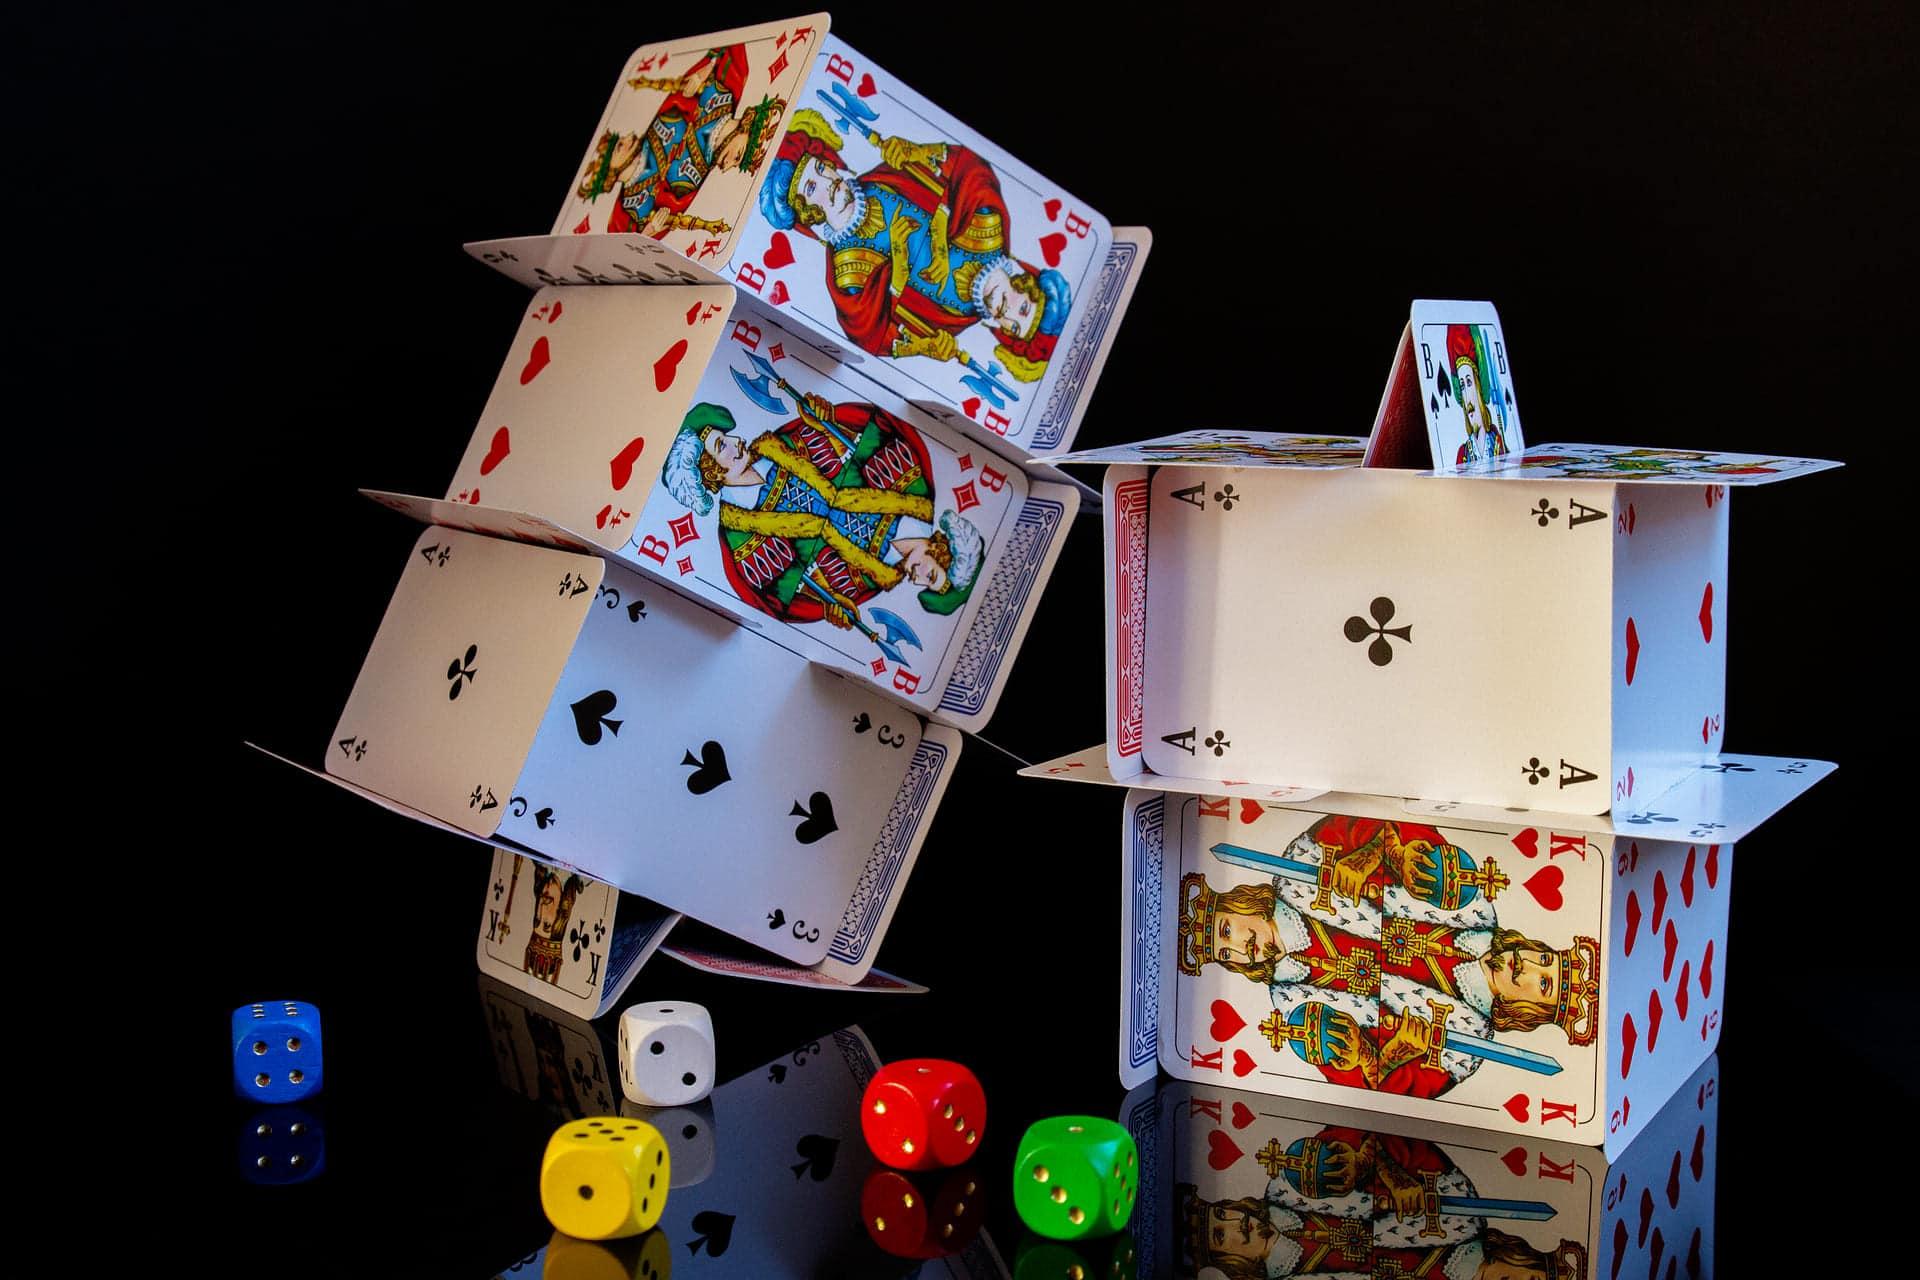 Pokerkarten: Test & Empfehlungen (10/20)